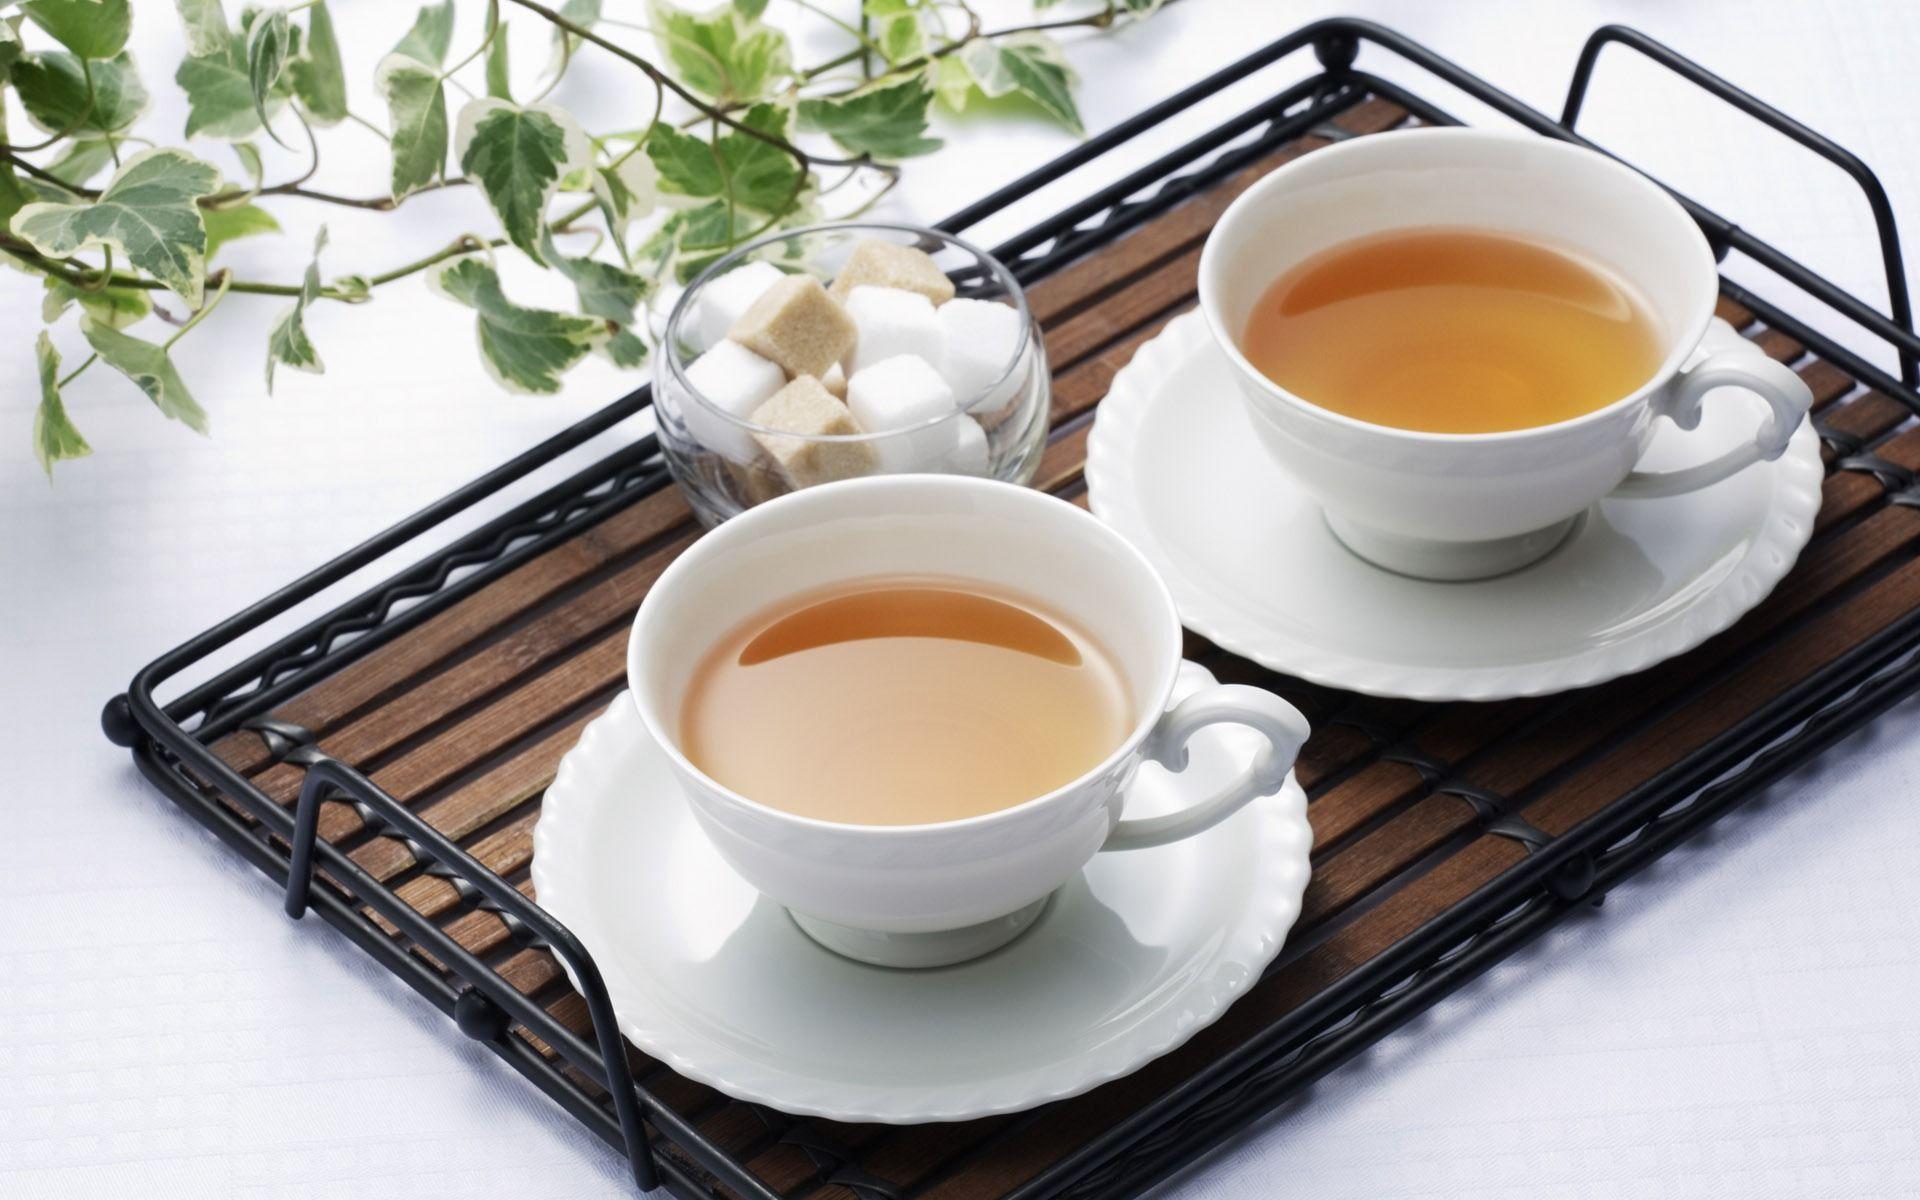 синий чай из тайланда купить минск